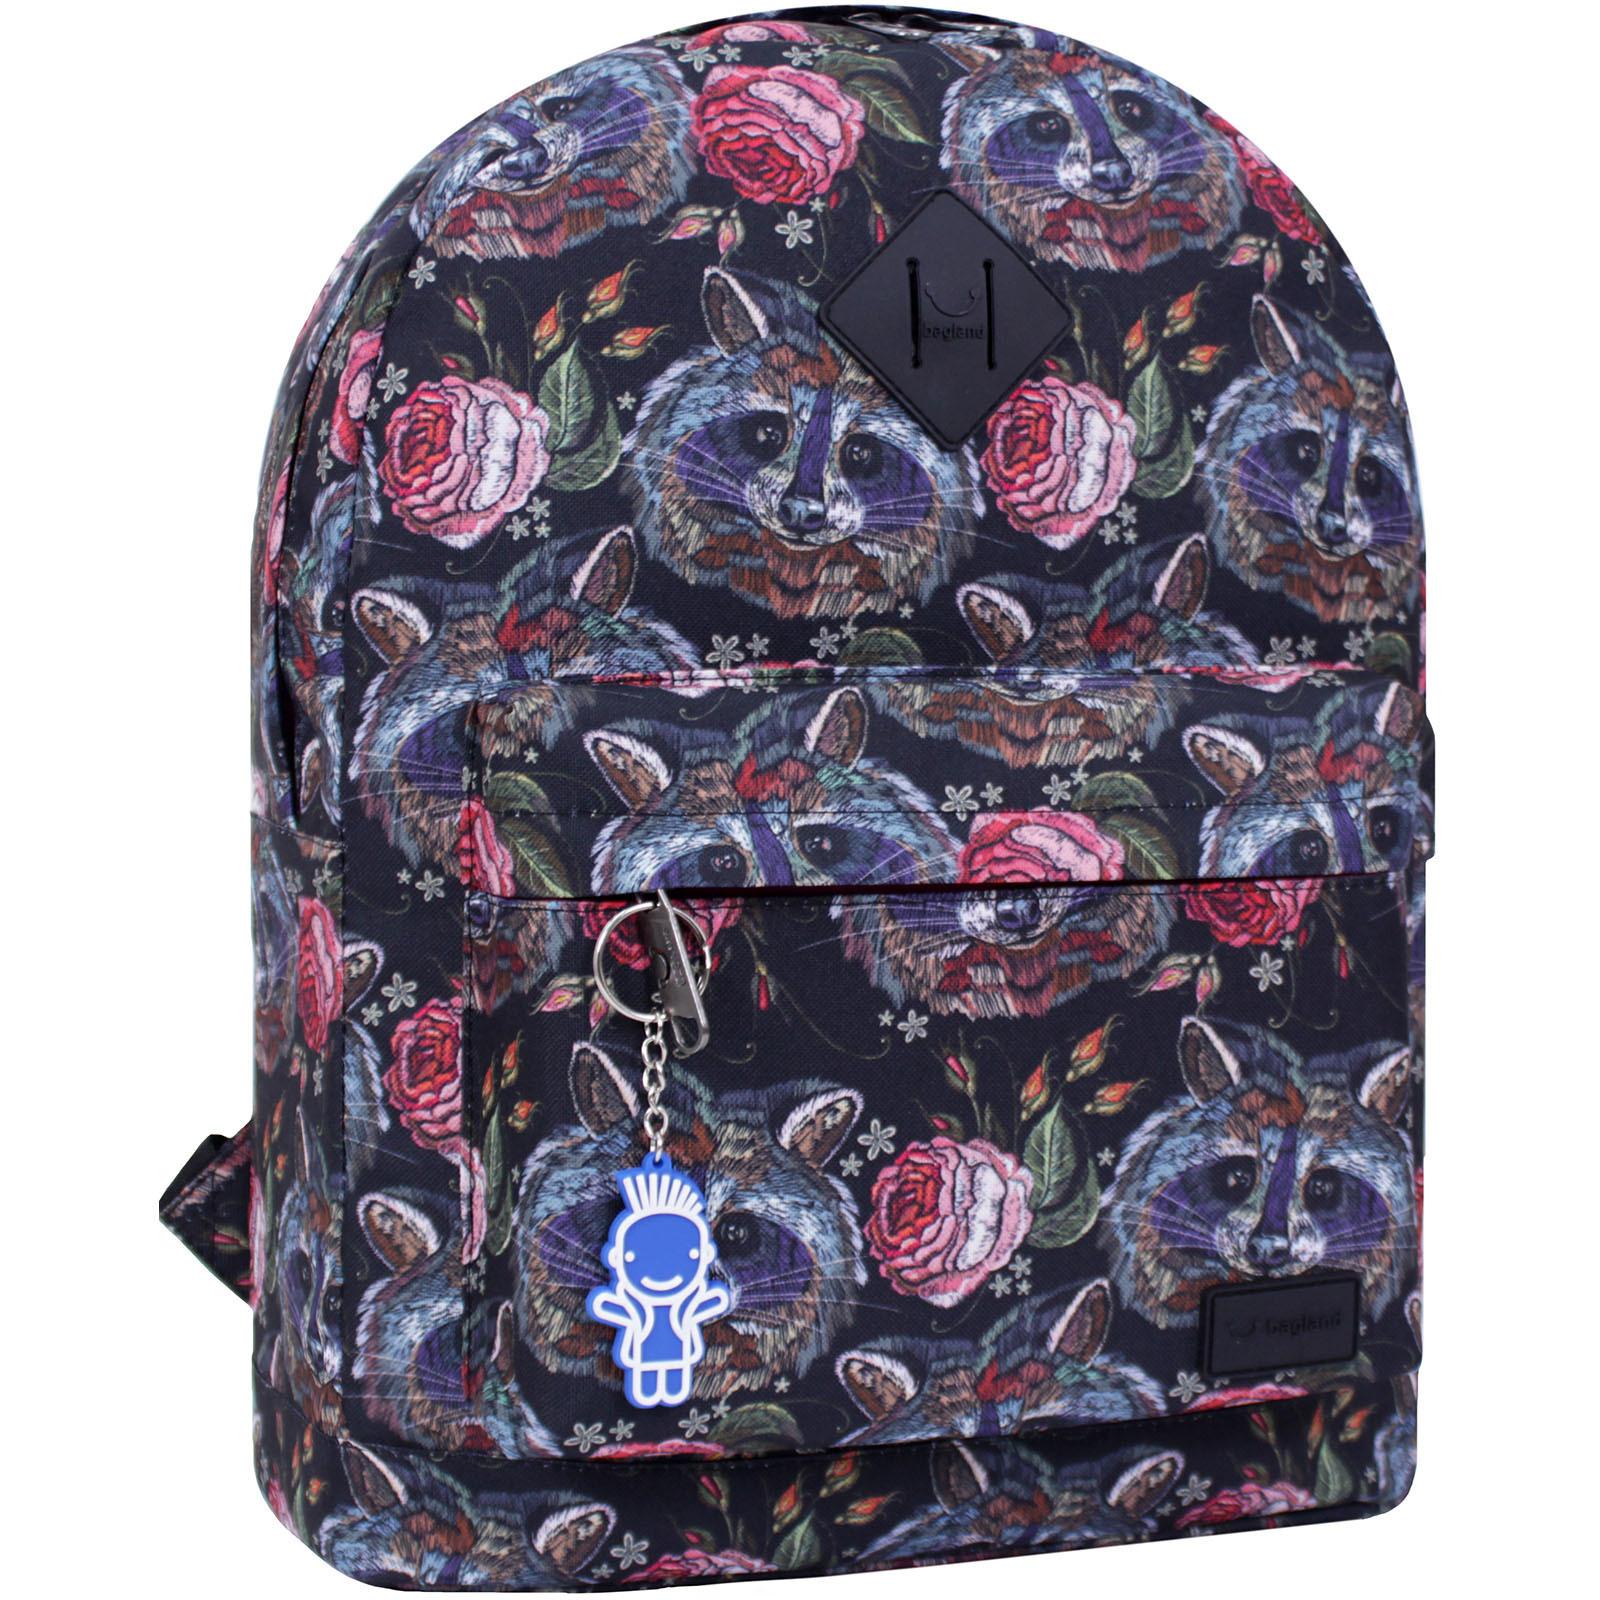 Молодежные рюкзаки Рюкзак Bagland Молодежный (дизайн) 17 л. сублімація 477 (00533664) IMG_3319_суб.477_.JPG